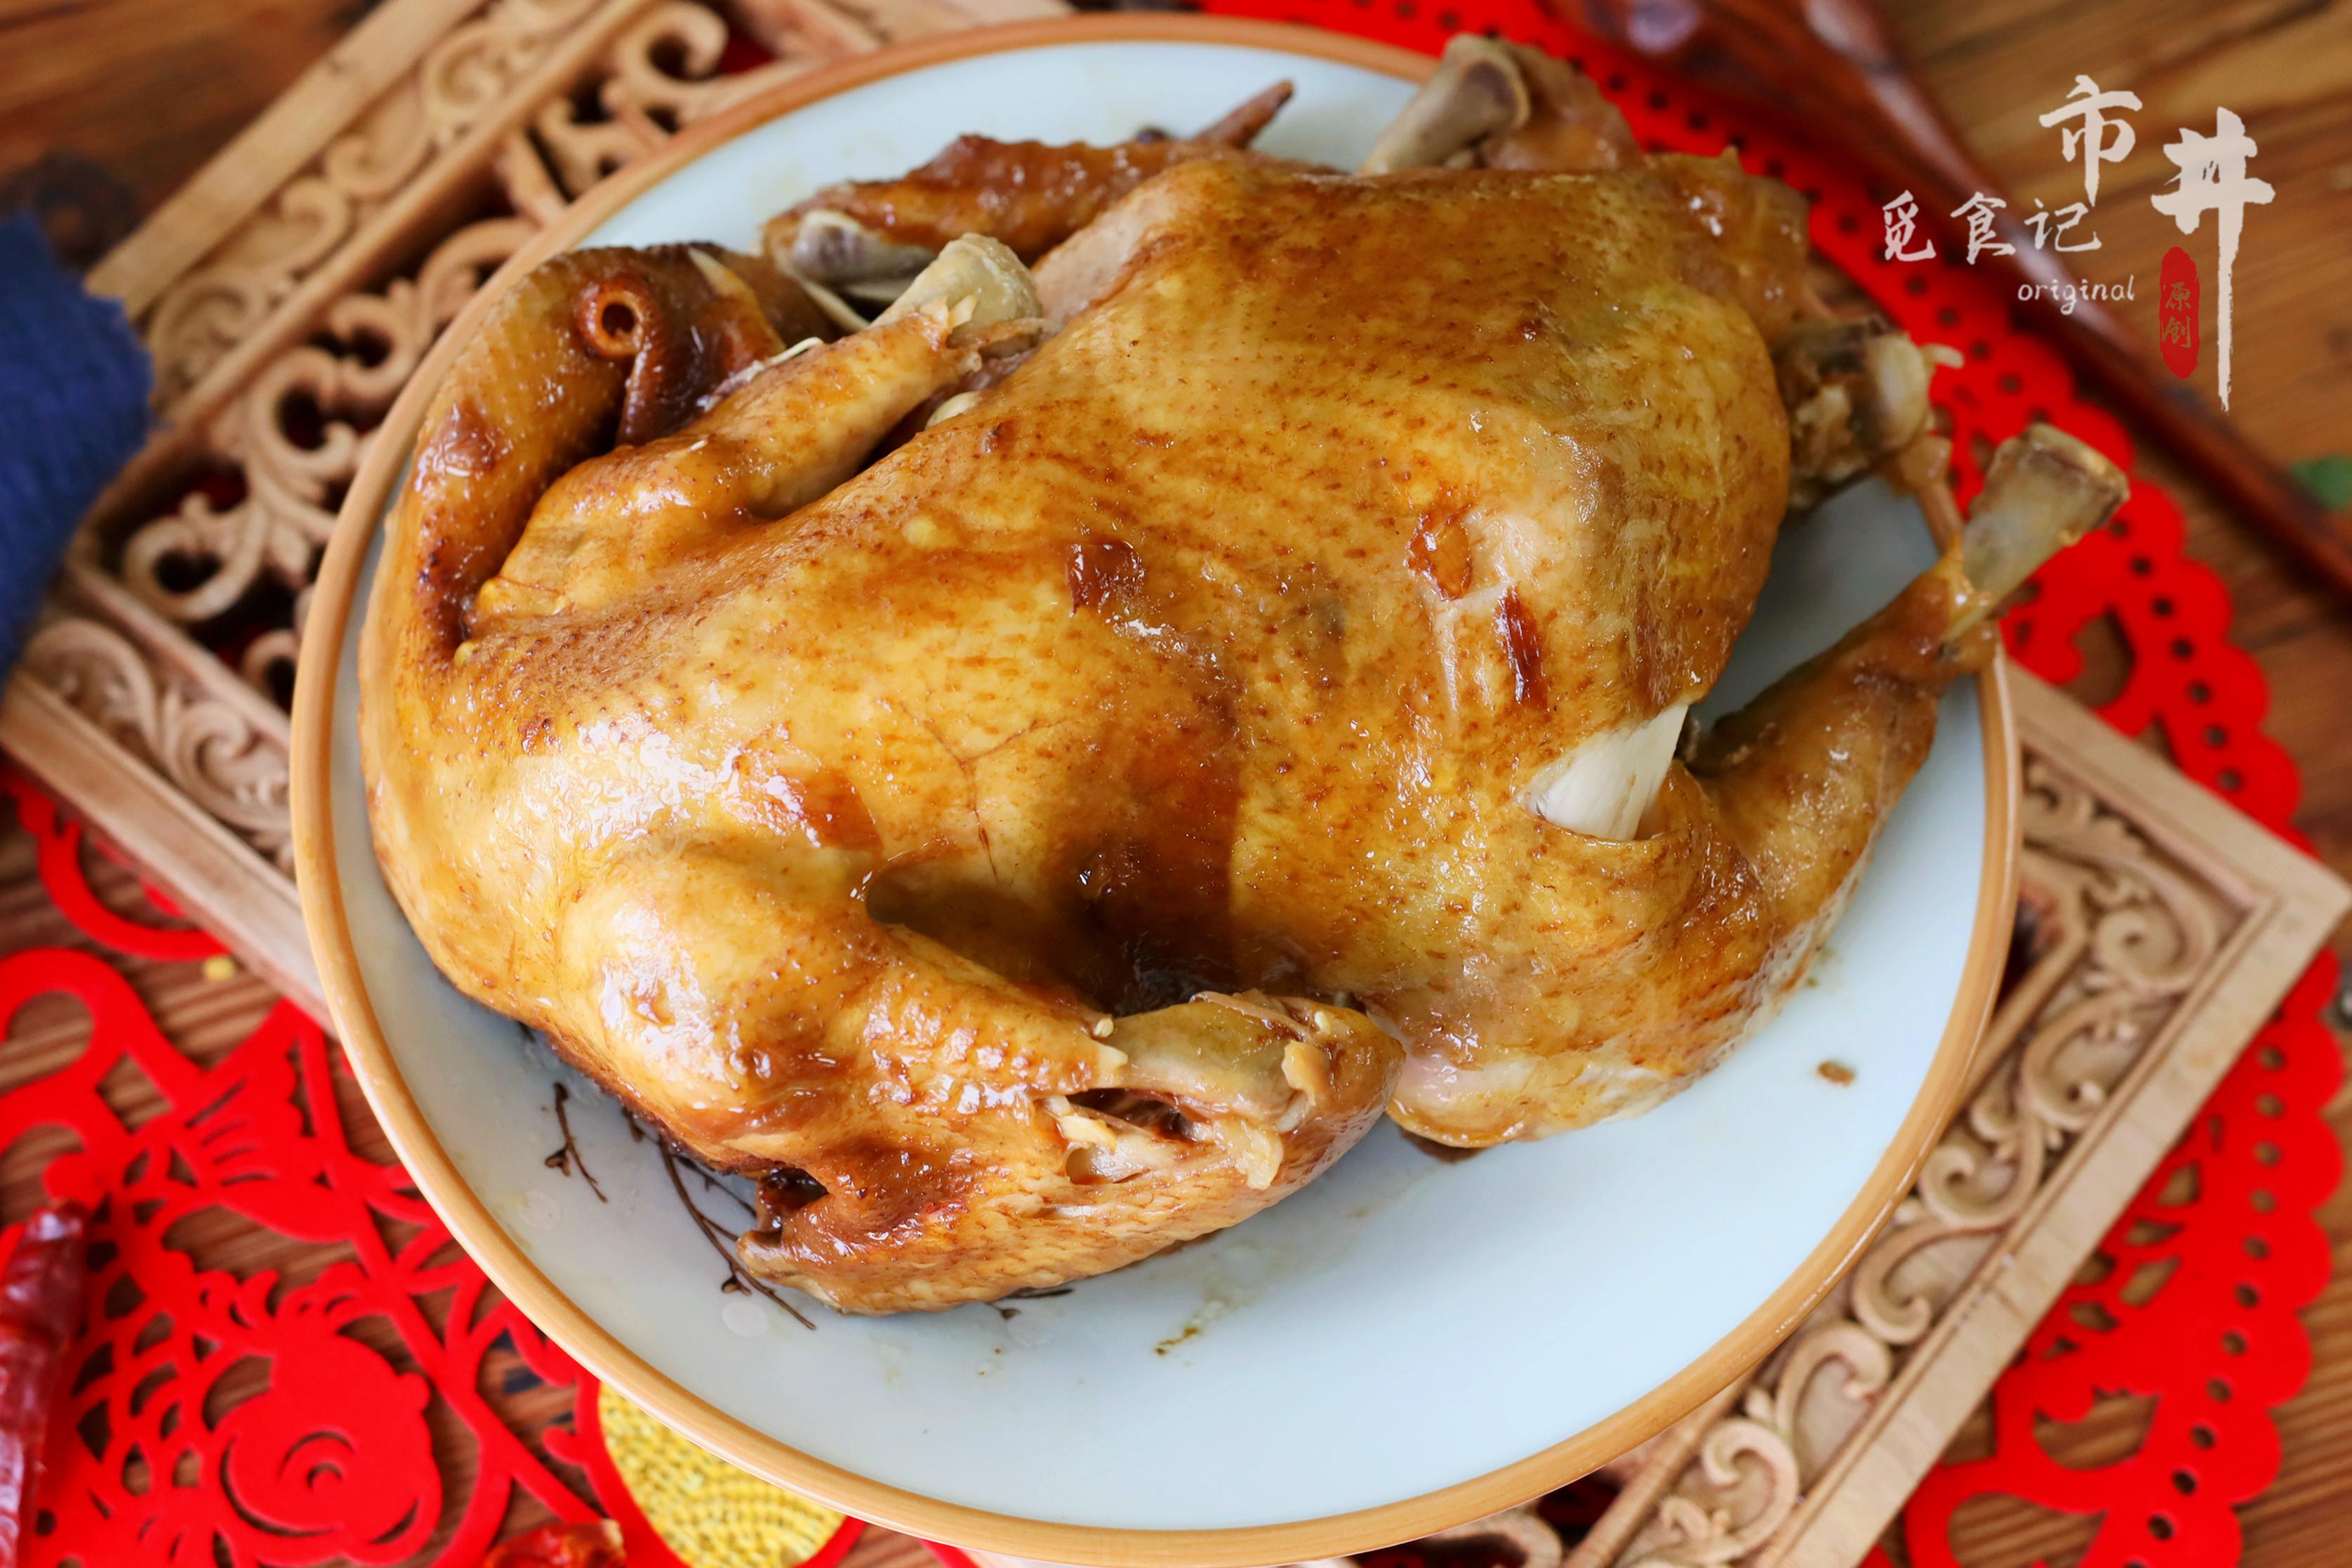 """把1只鸡放进电饭锅,皮酥肉烂味道香,""""一人食""""过年也有硬菜了"""